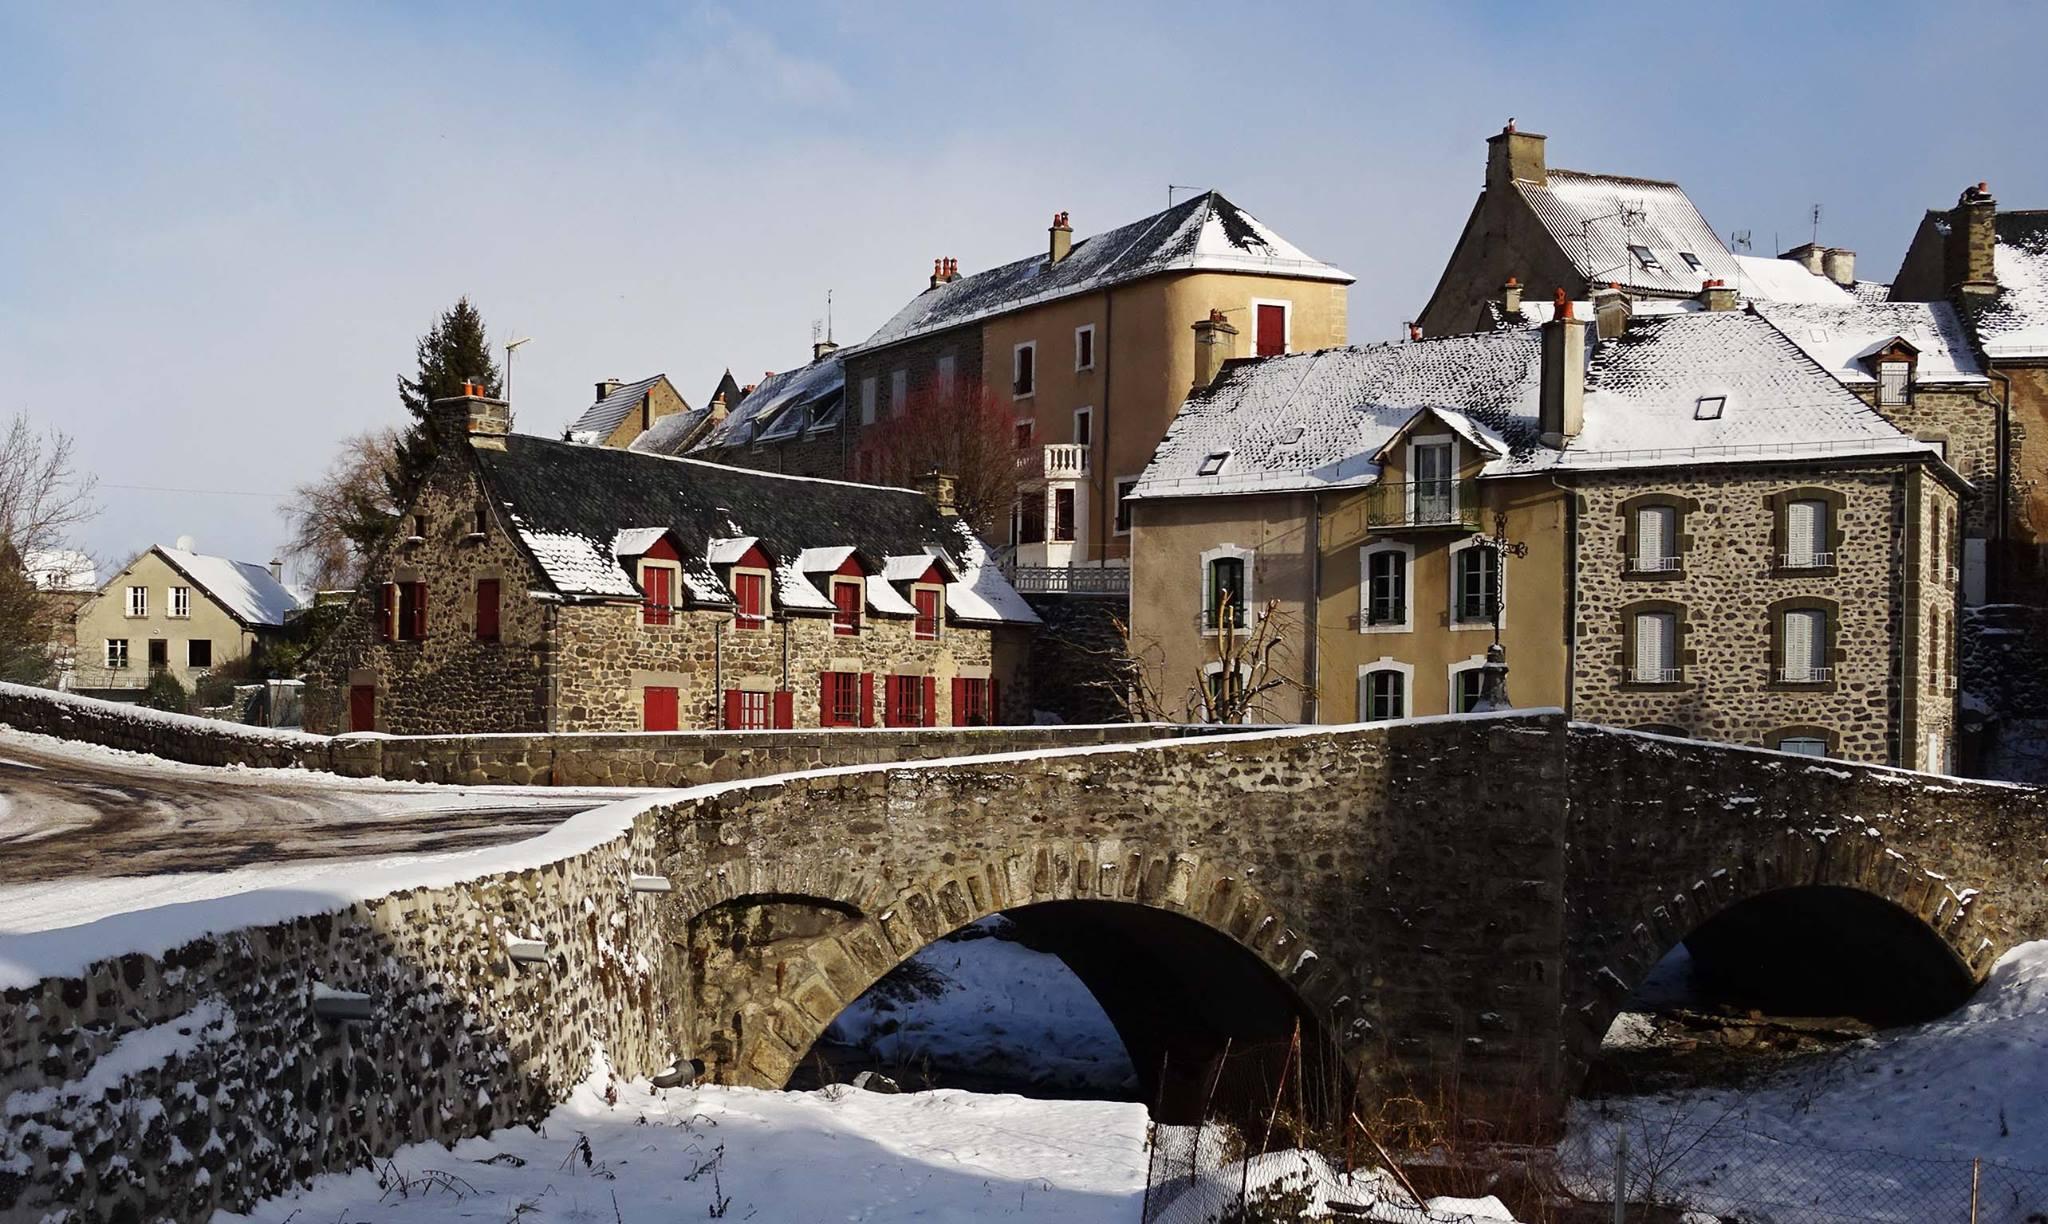 Allanche Neige 2019 - JACQUES AUBERT